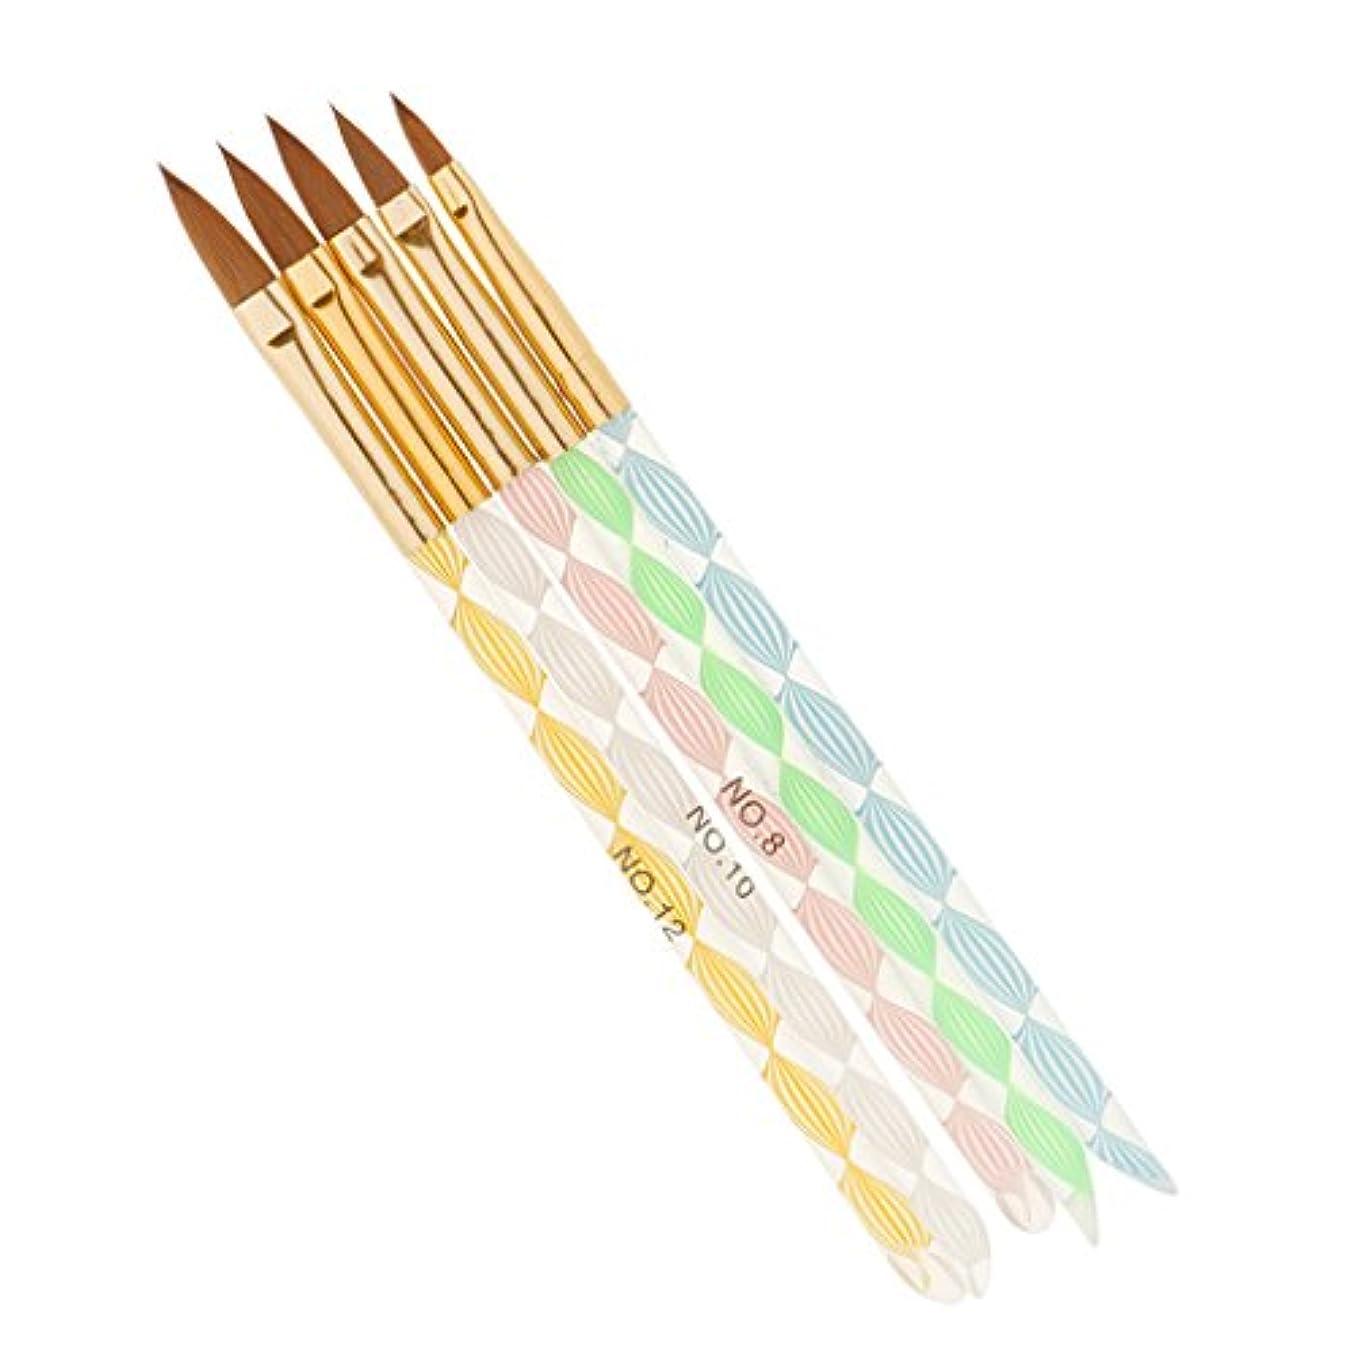 収束本会議着陸5本 ネイルアート デザイン ブラシキット マニキュアツール 絵画 描画 磨き ブラシ